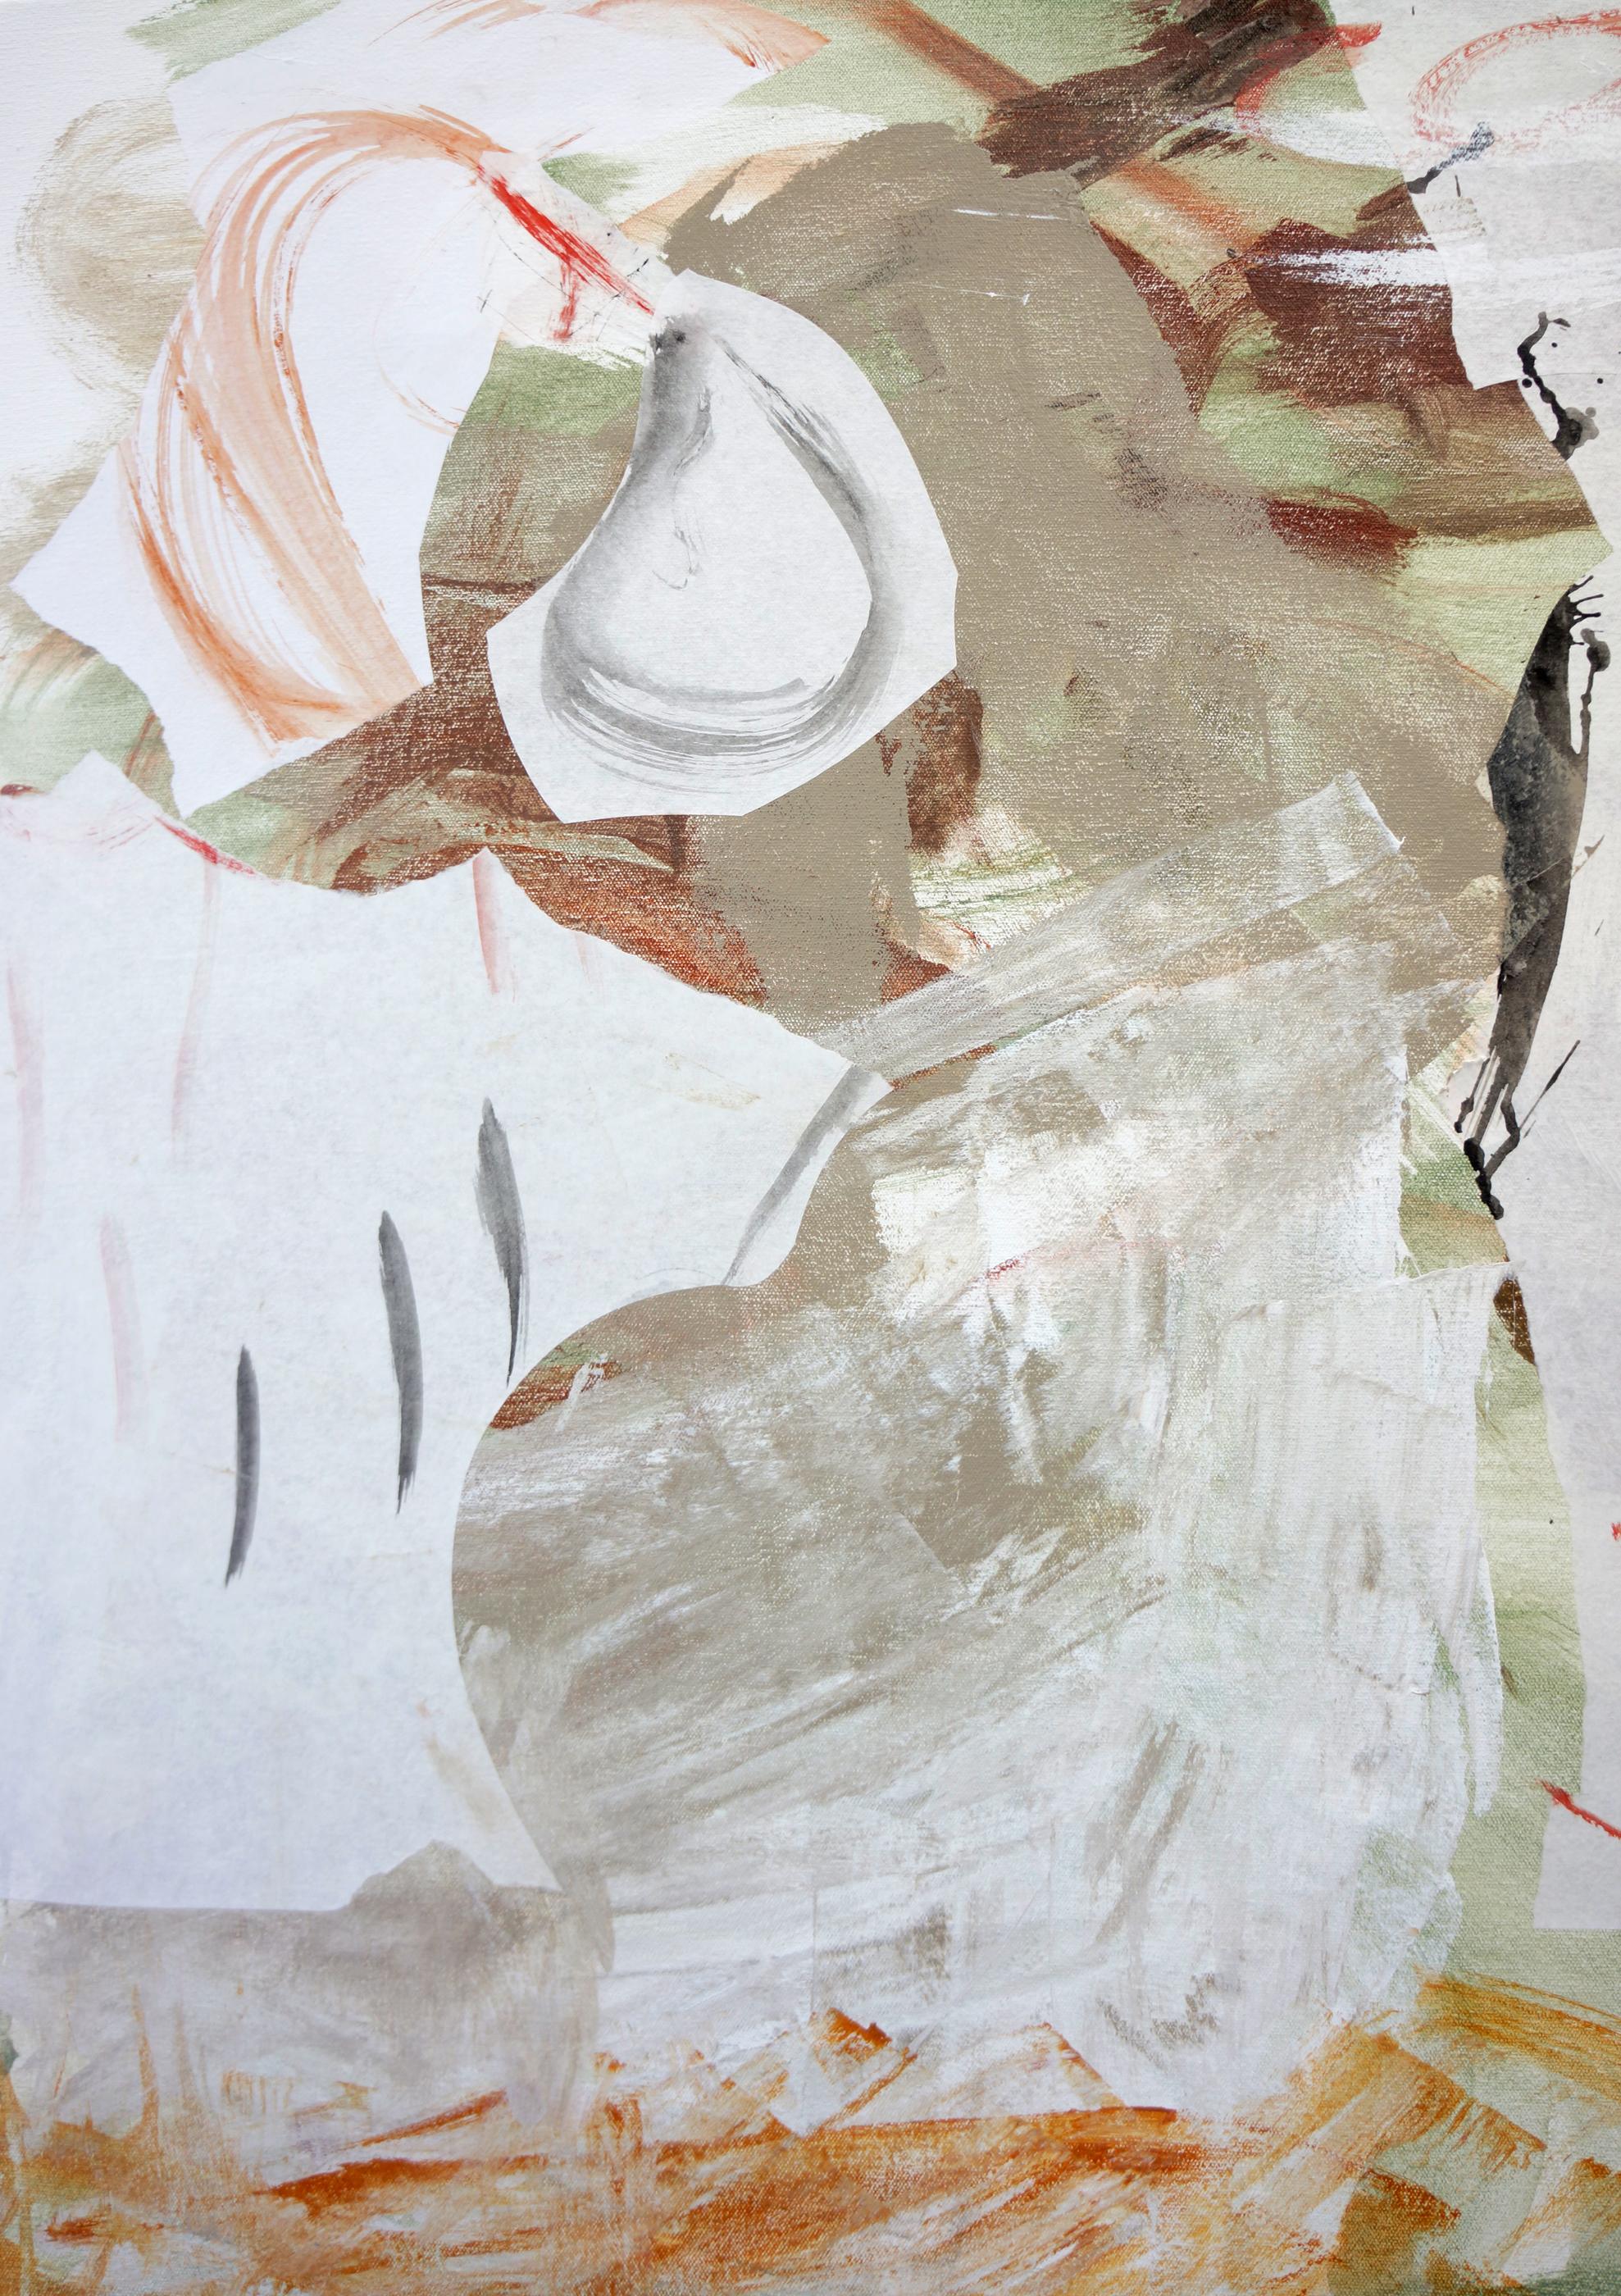 site-5.28.13 yong creek 72x38 detail 3.jpg